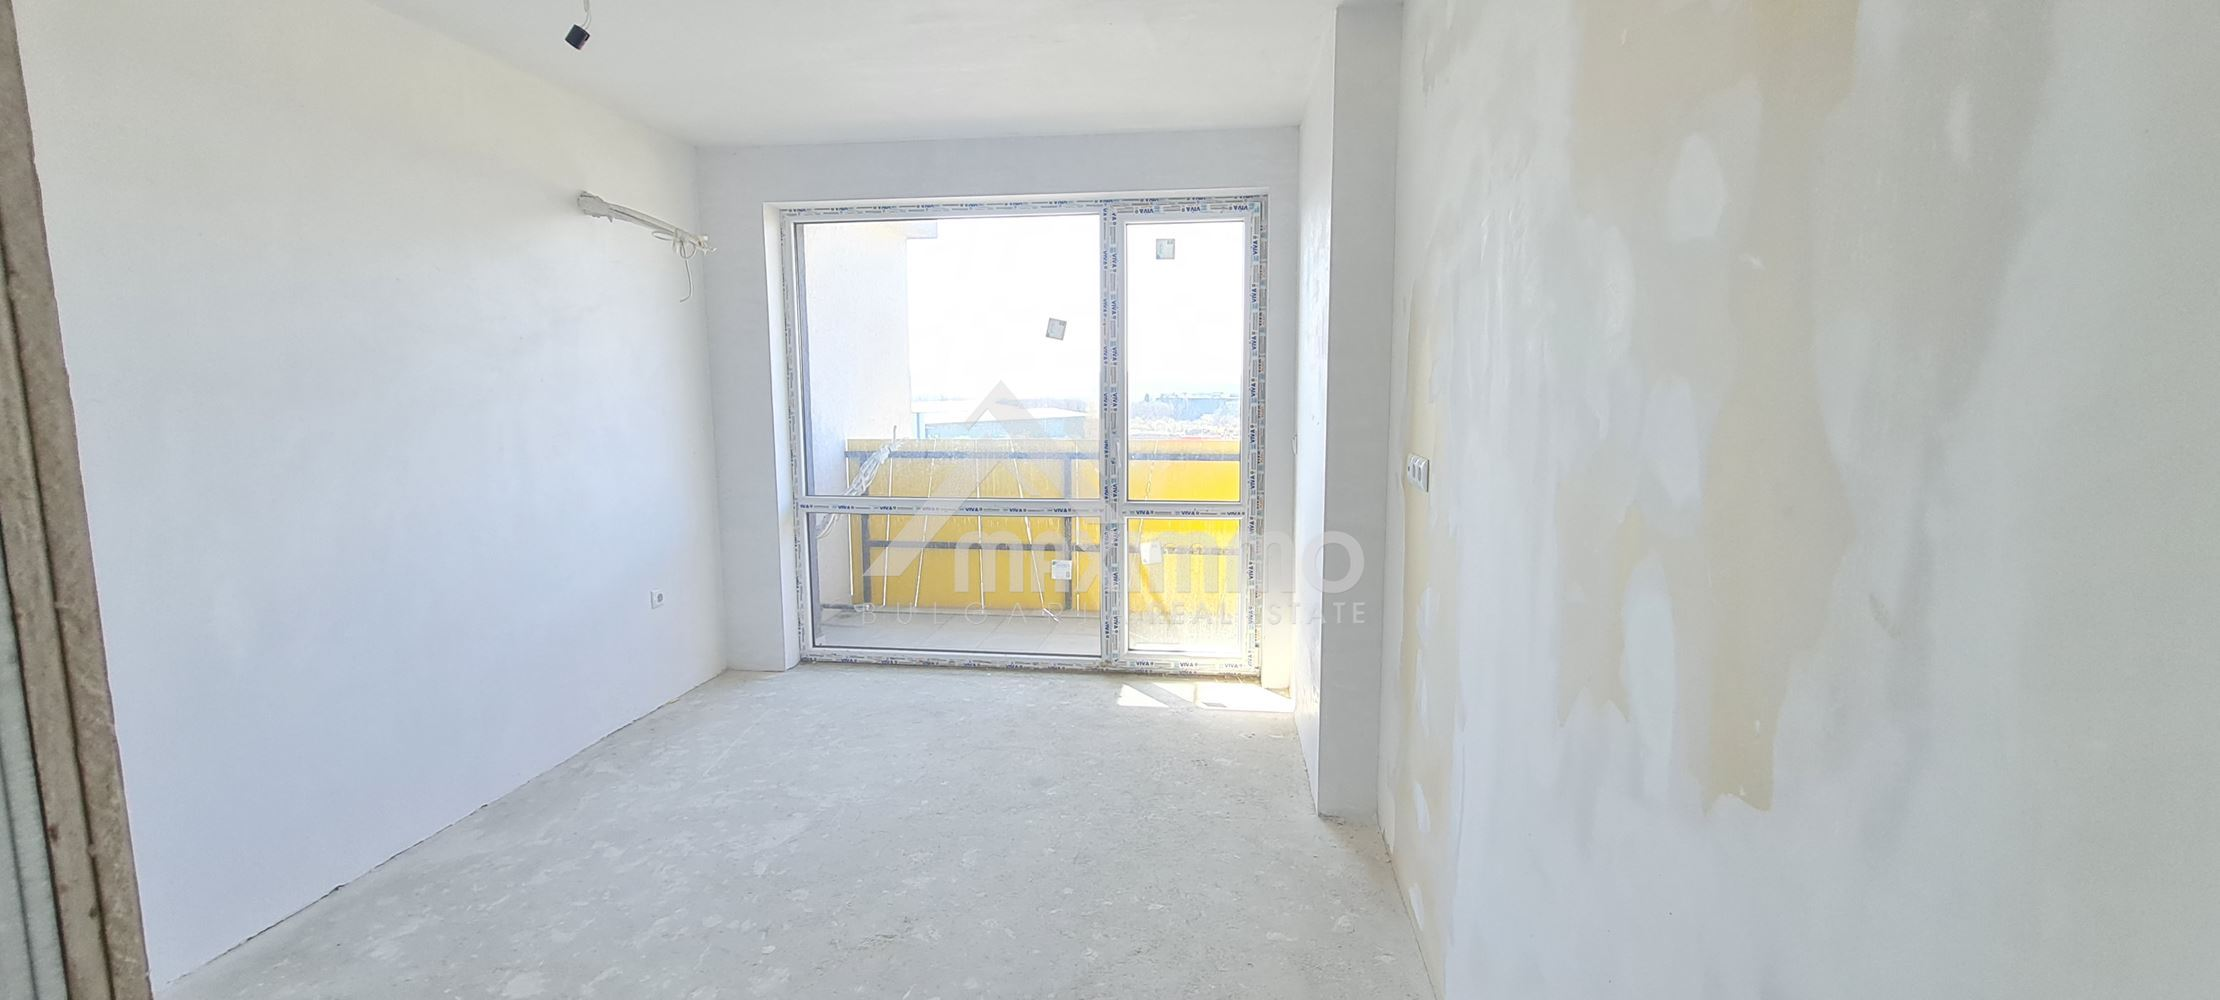 Тристаен апартамент, с АКТ 15, който се намира в така желания район на Колхозен пазар.